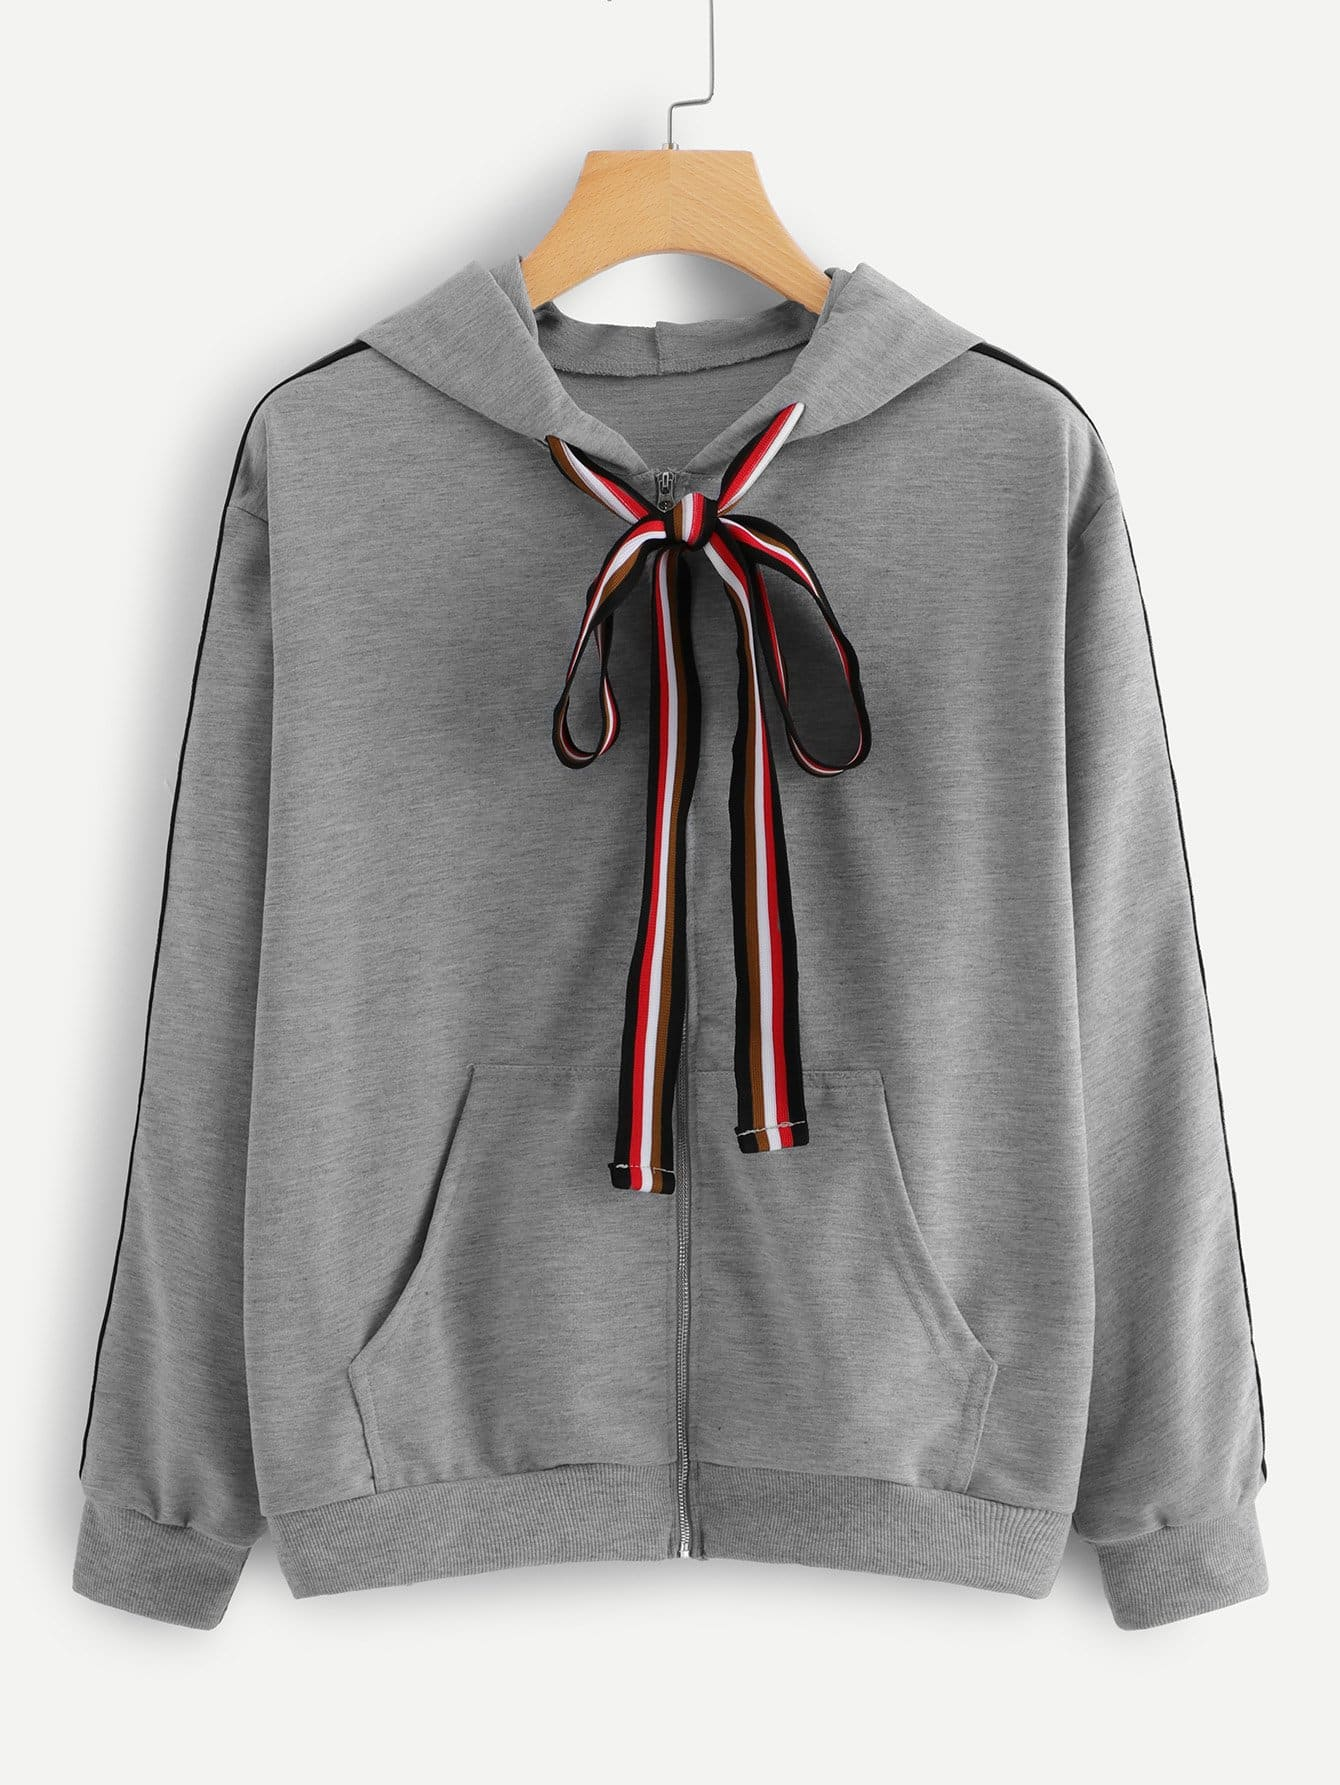 Kangaroo Pocket Drawstring Hooded Jacket